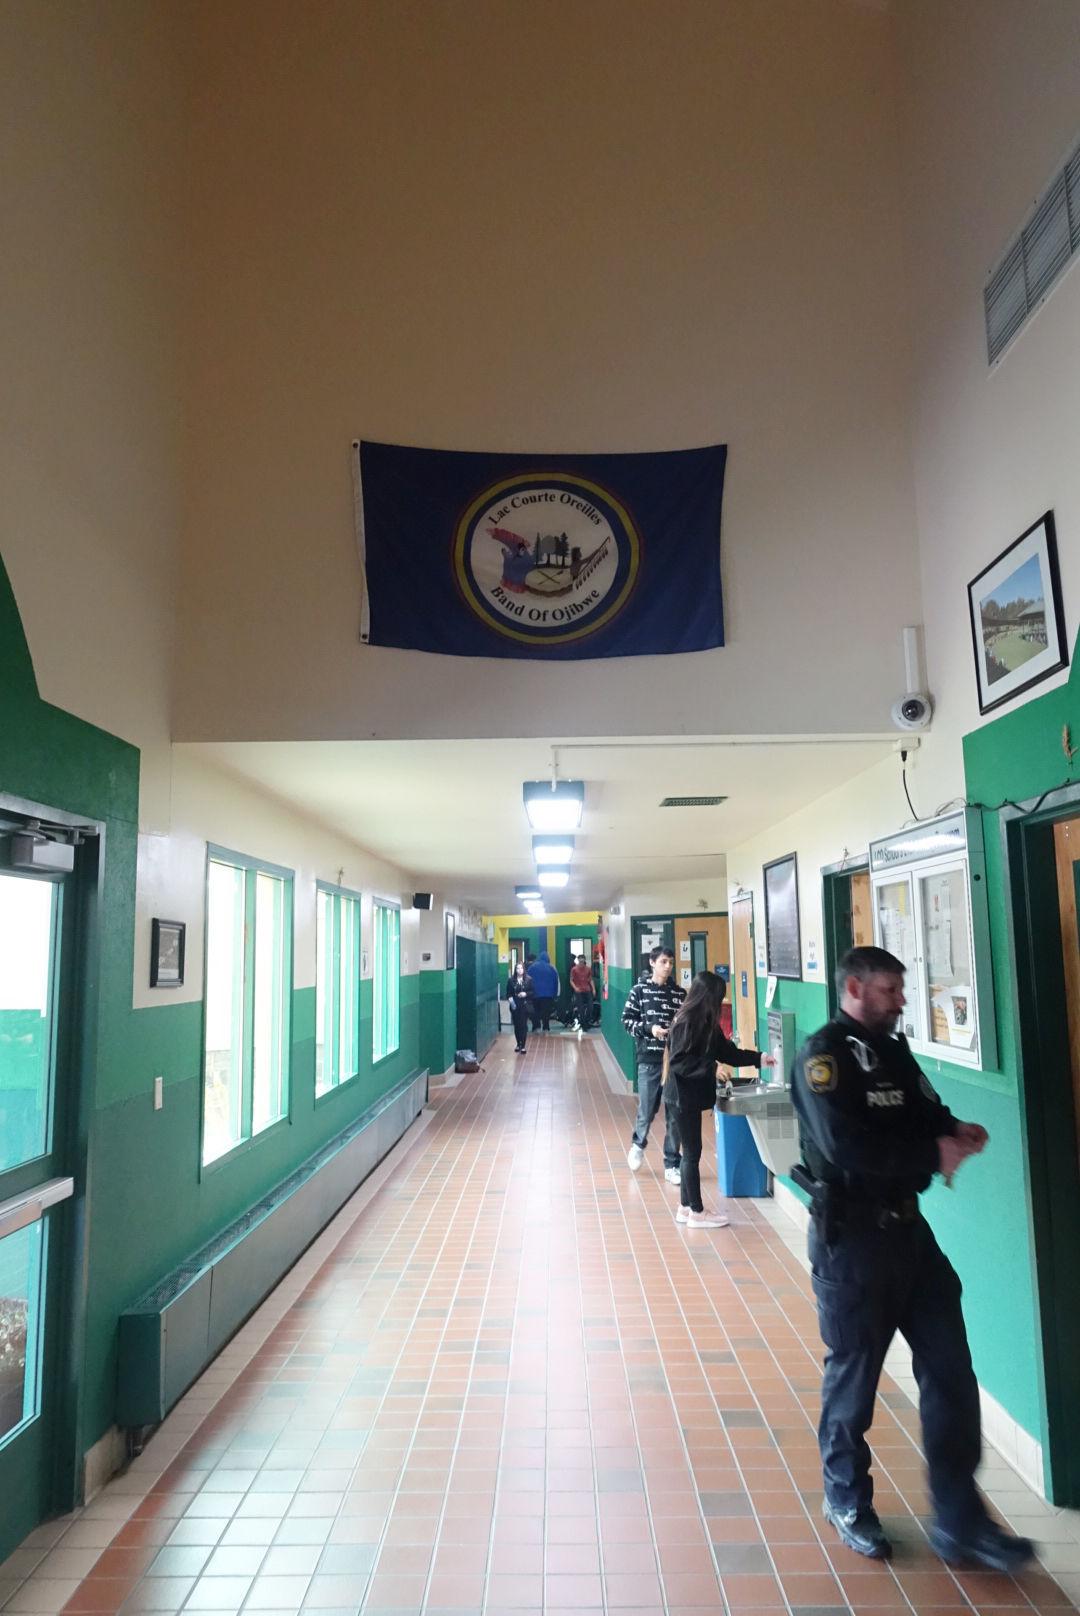 Waadookodaading Ojibwe School